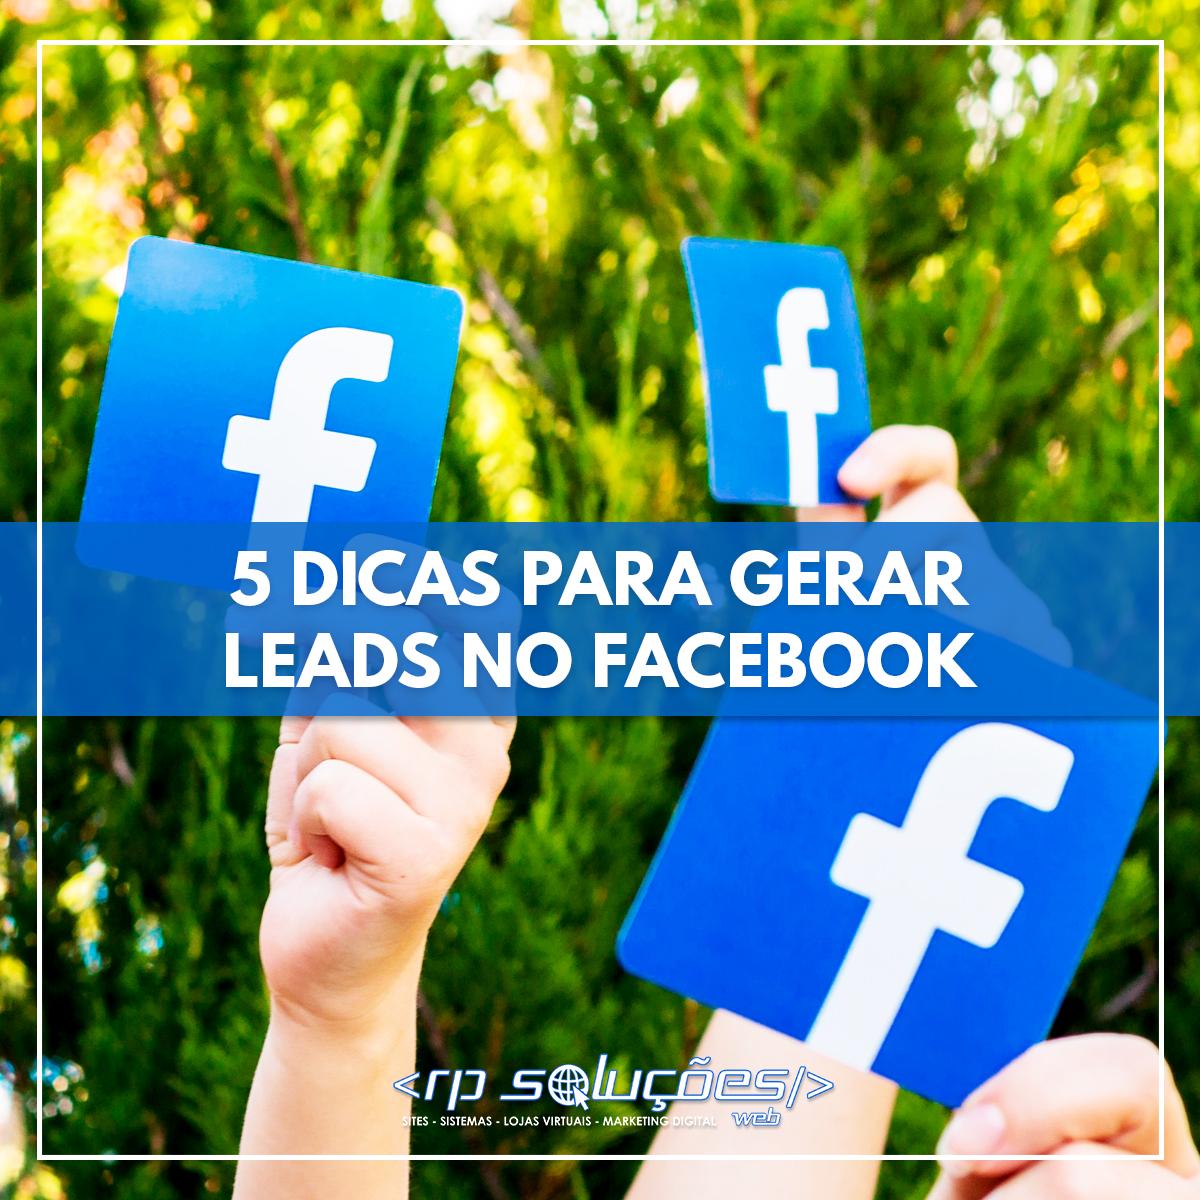 5 DICAS PARA GERAR LEADS NO FACEBOOK